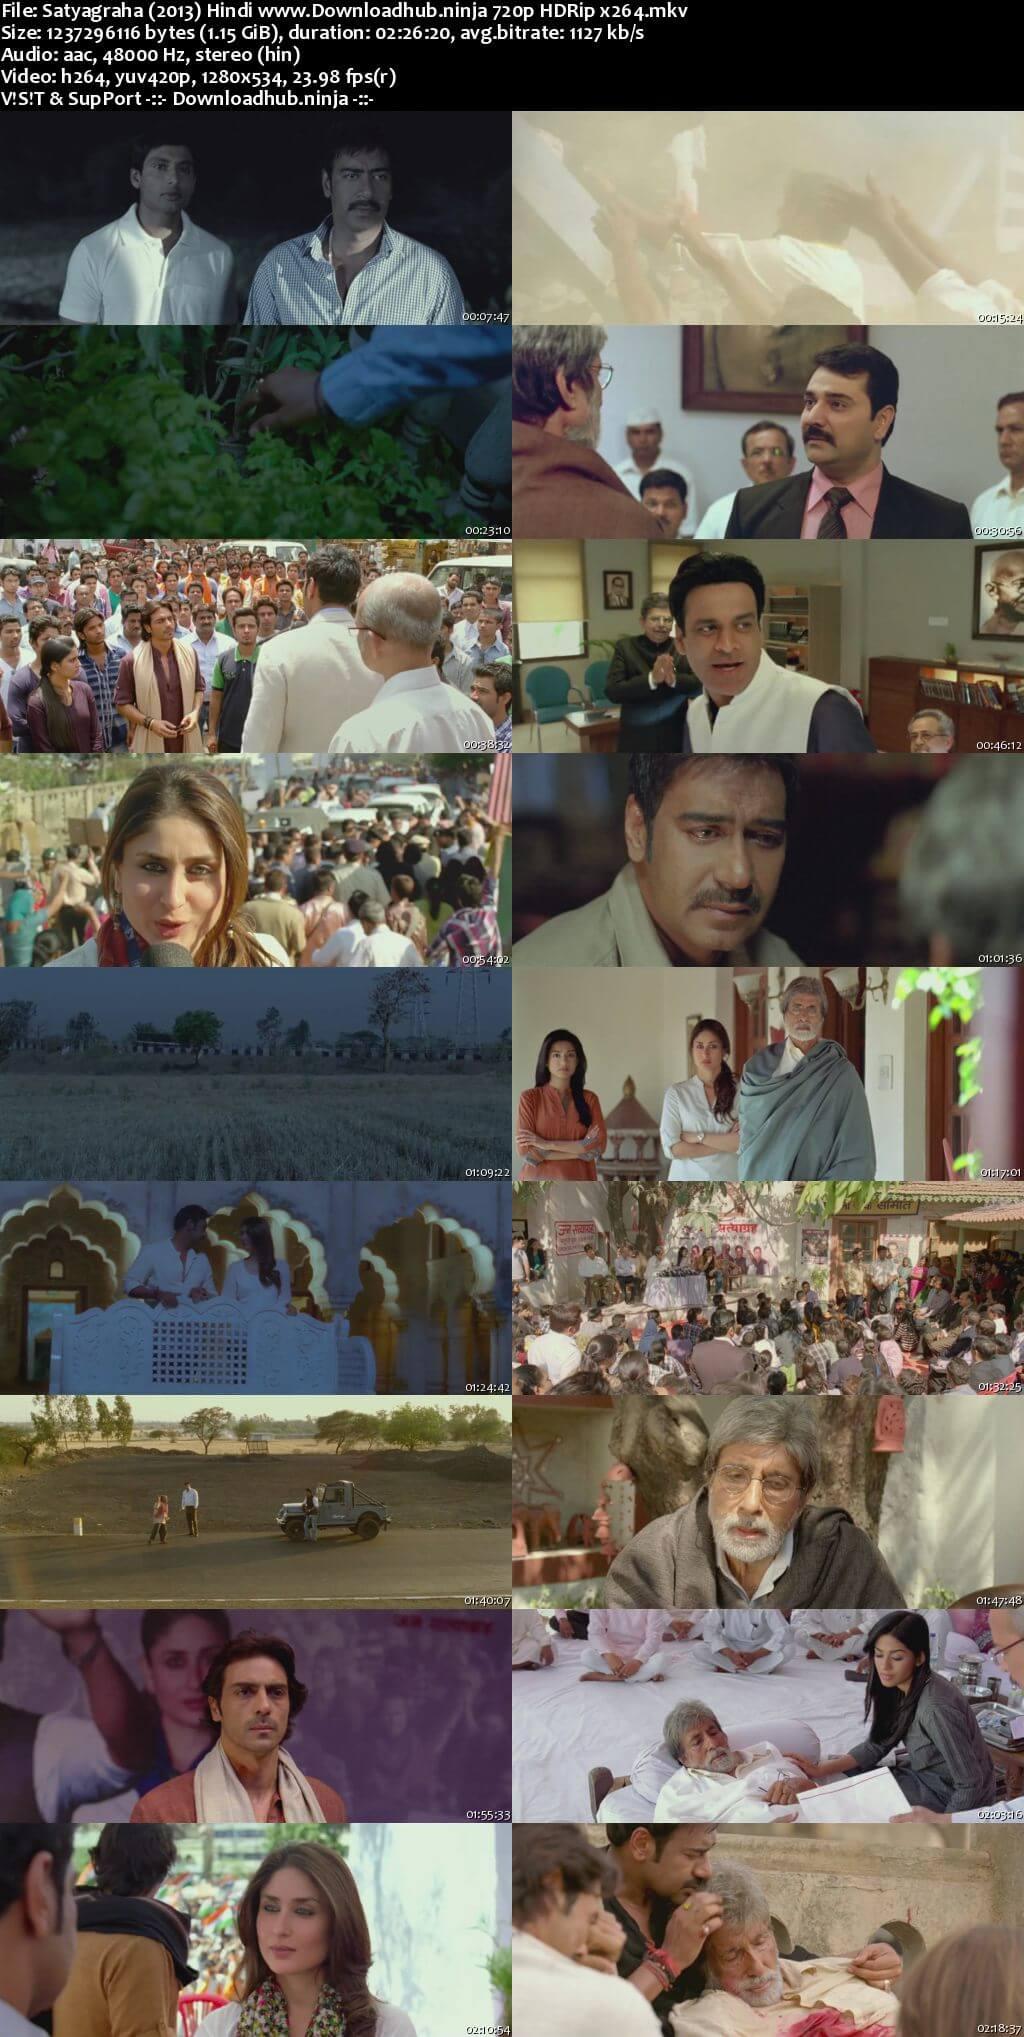 Satyagraha 2013 Hindi 720p HDRip x264